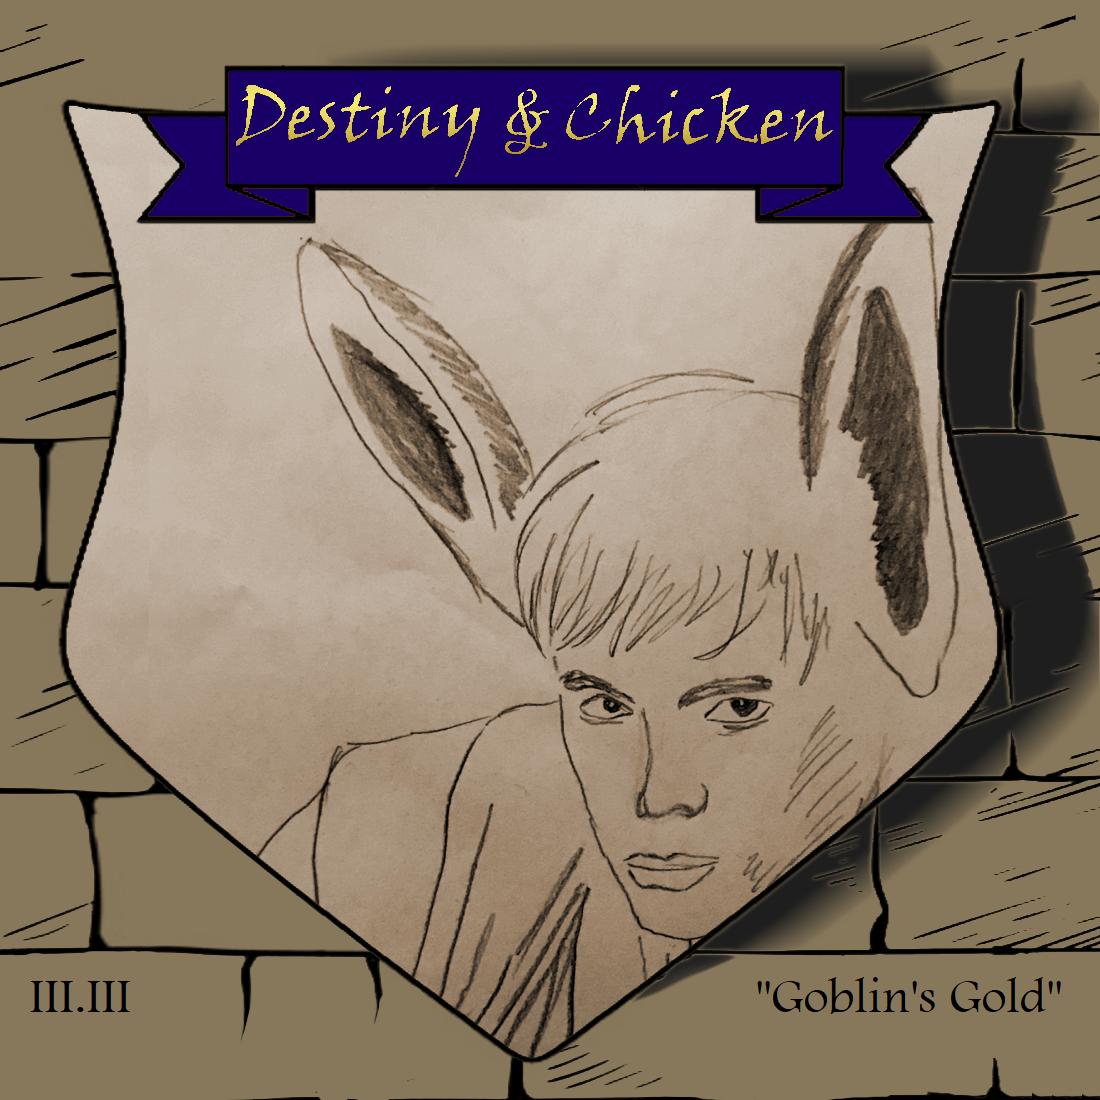 Episode III.III - Goblin's Gold